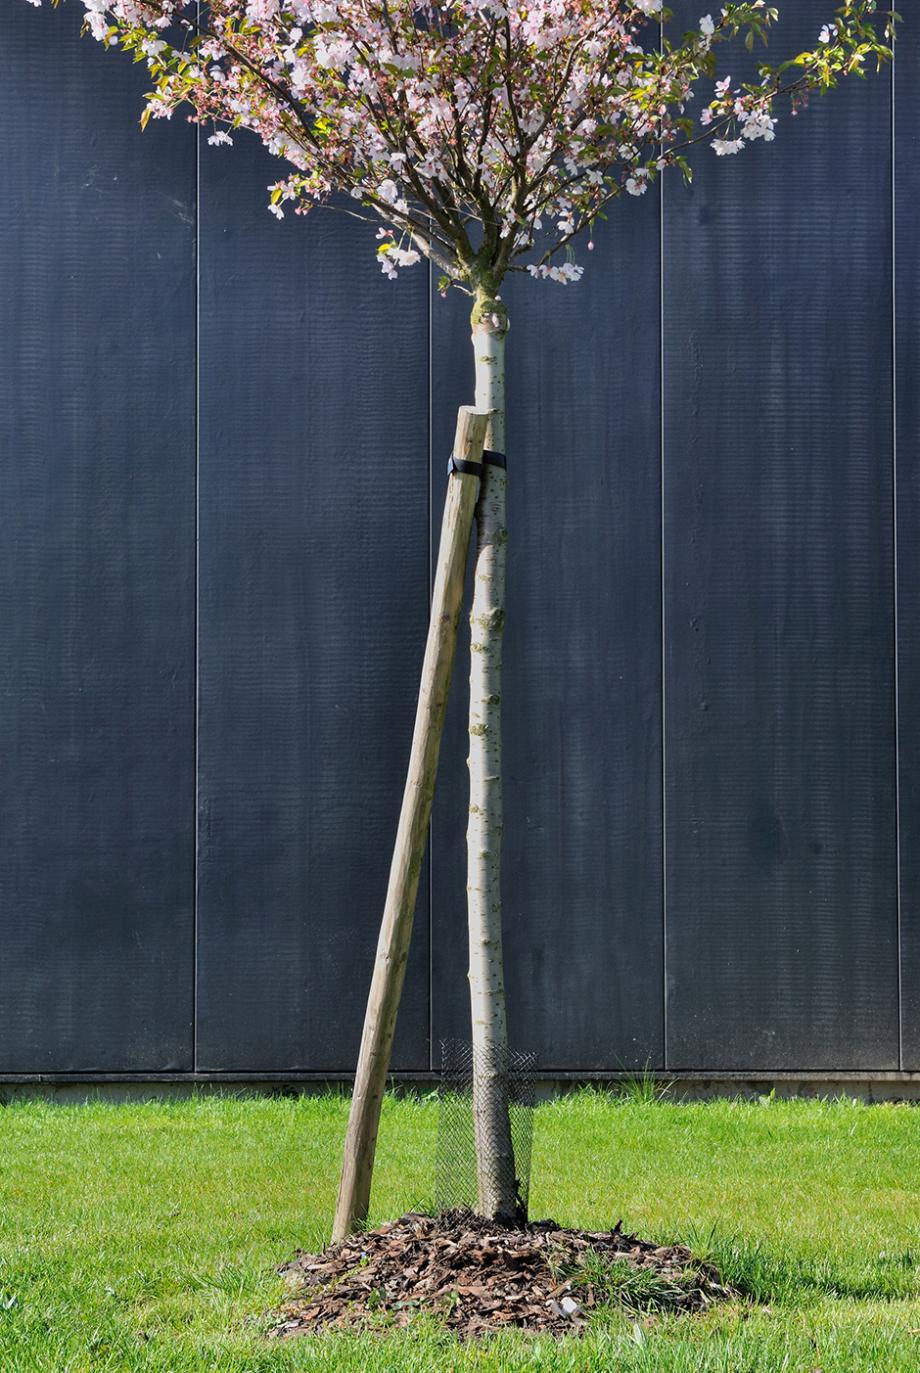 Comment Planter Un Arbre Fruitier tuteurer un jeune arbre | gamm vert